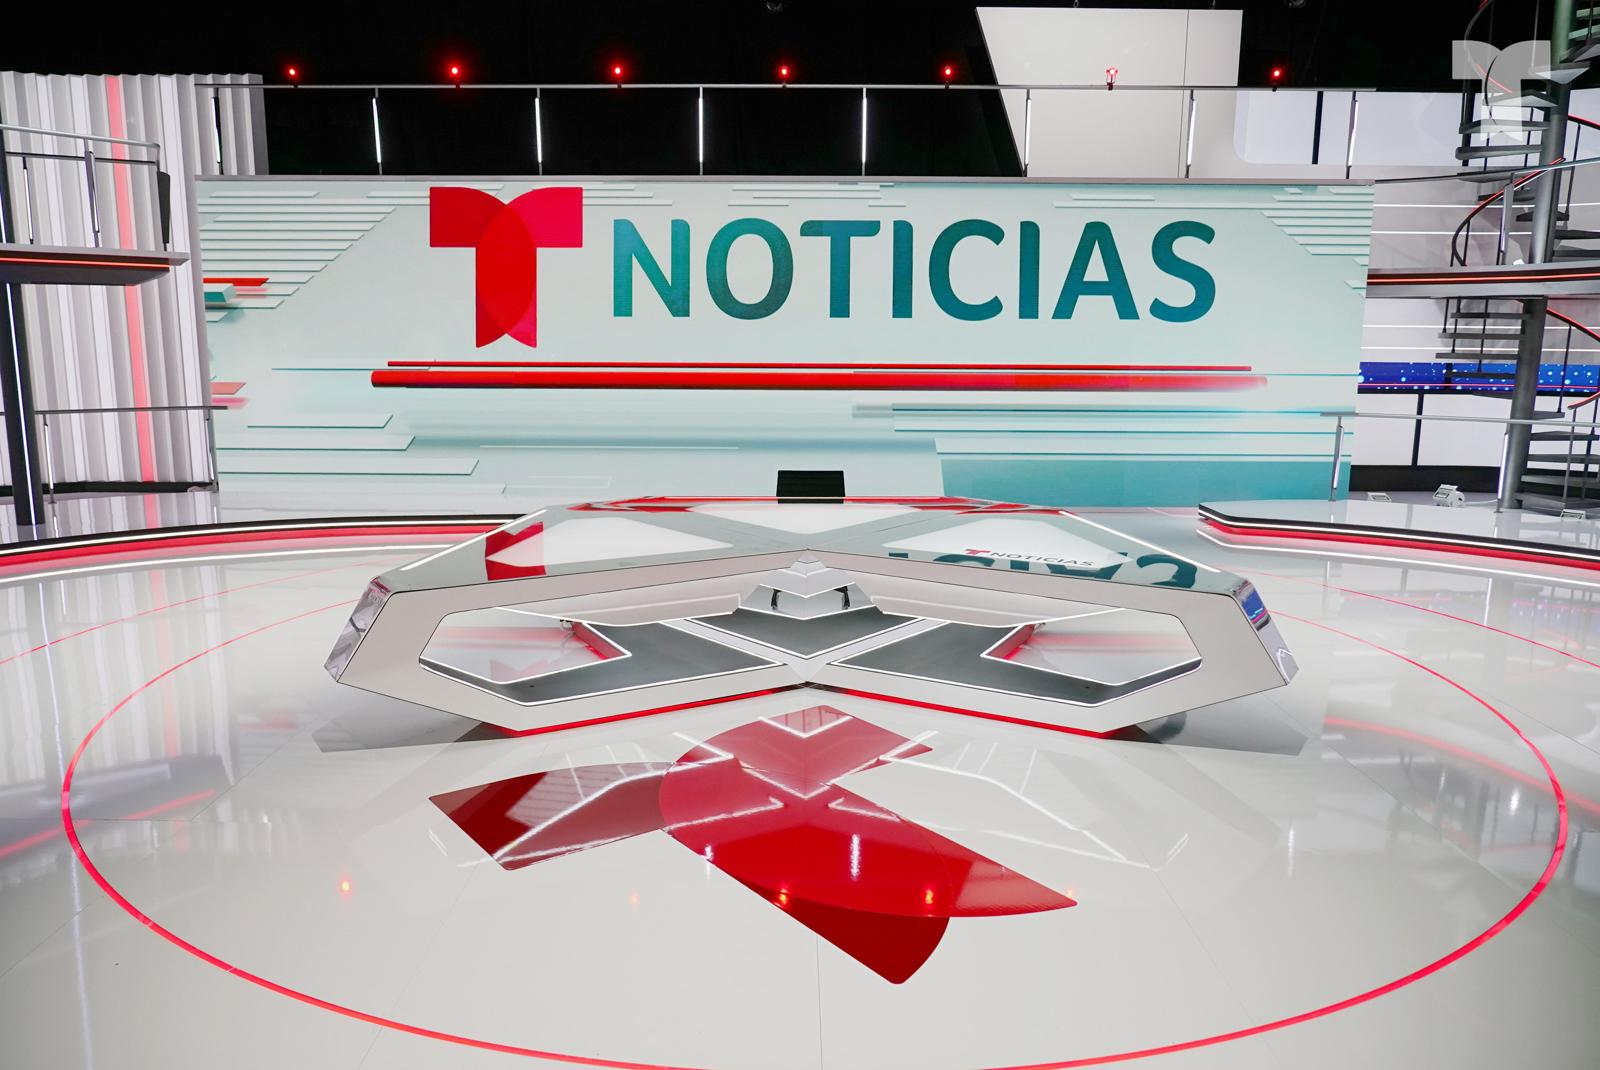 ncs_noticias-telemundo-estudio-miami_0002